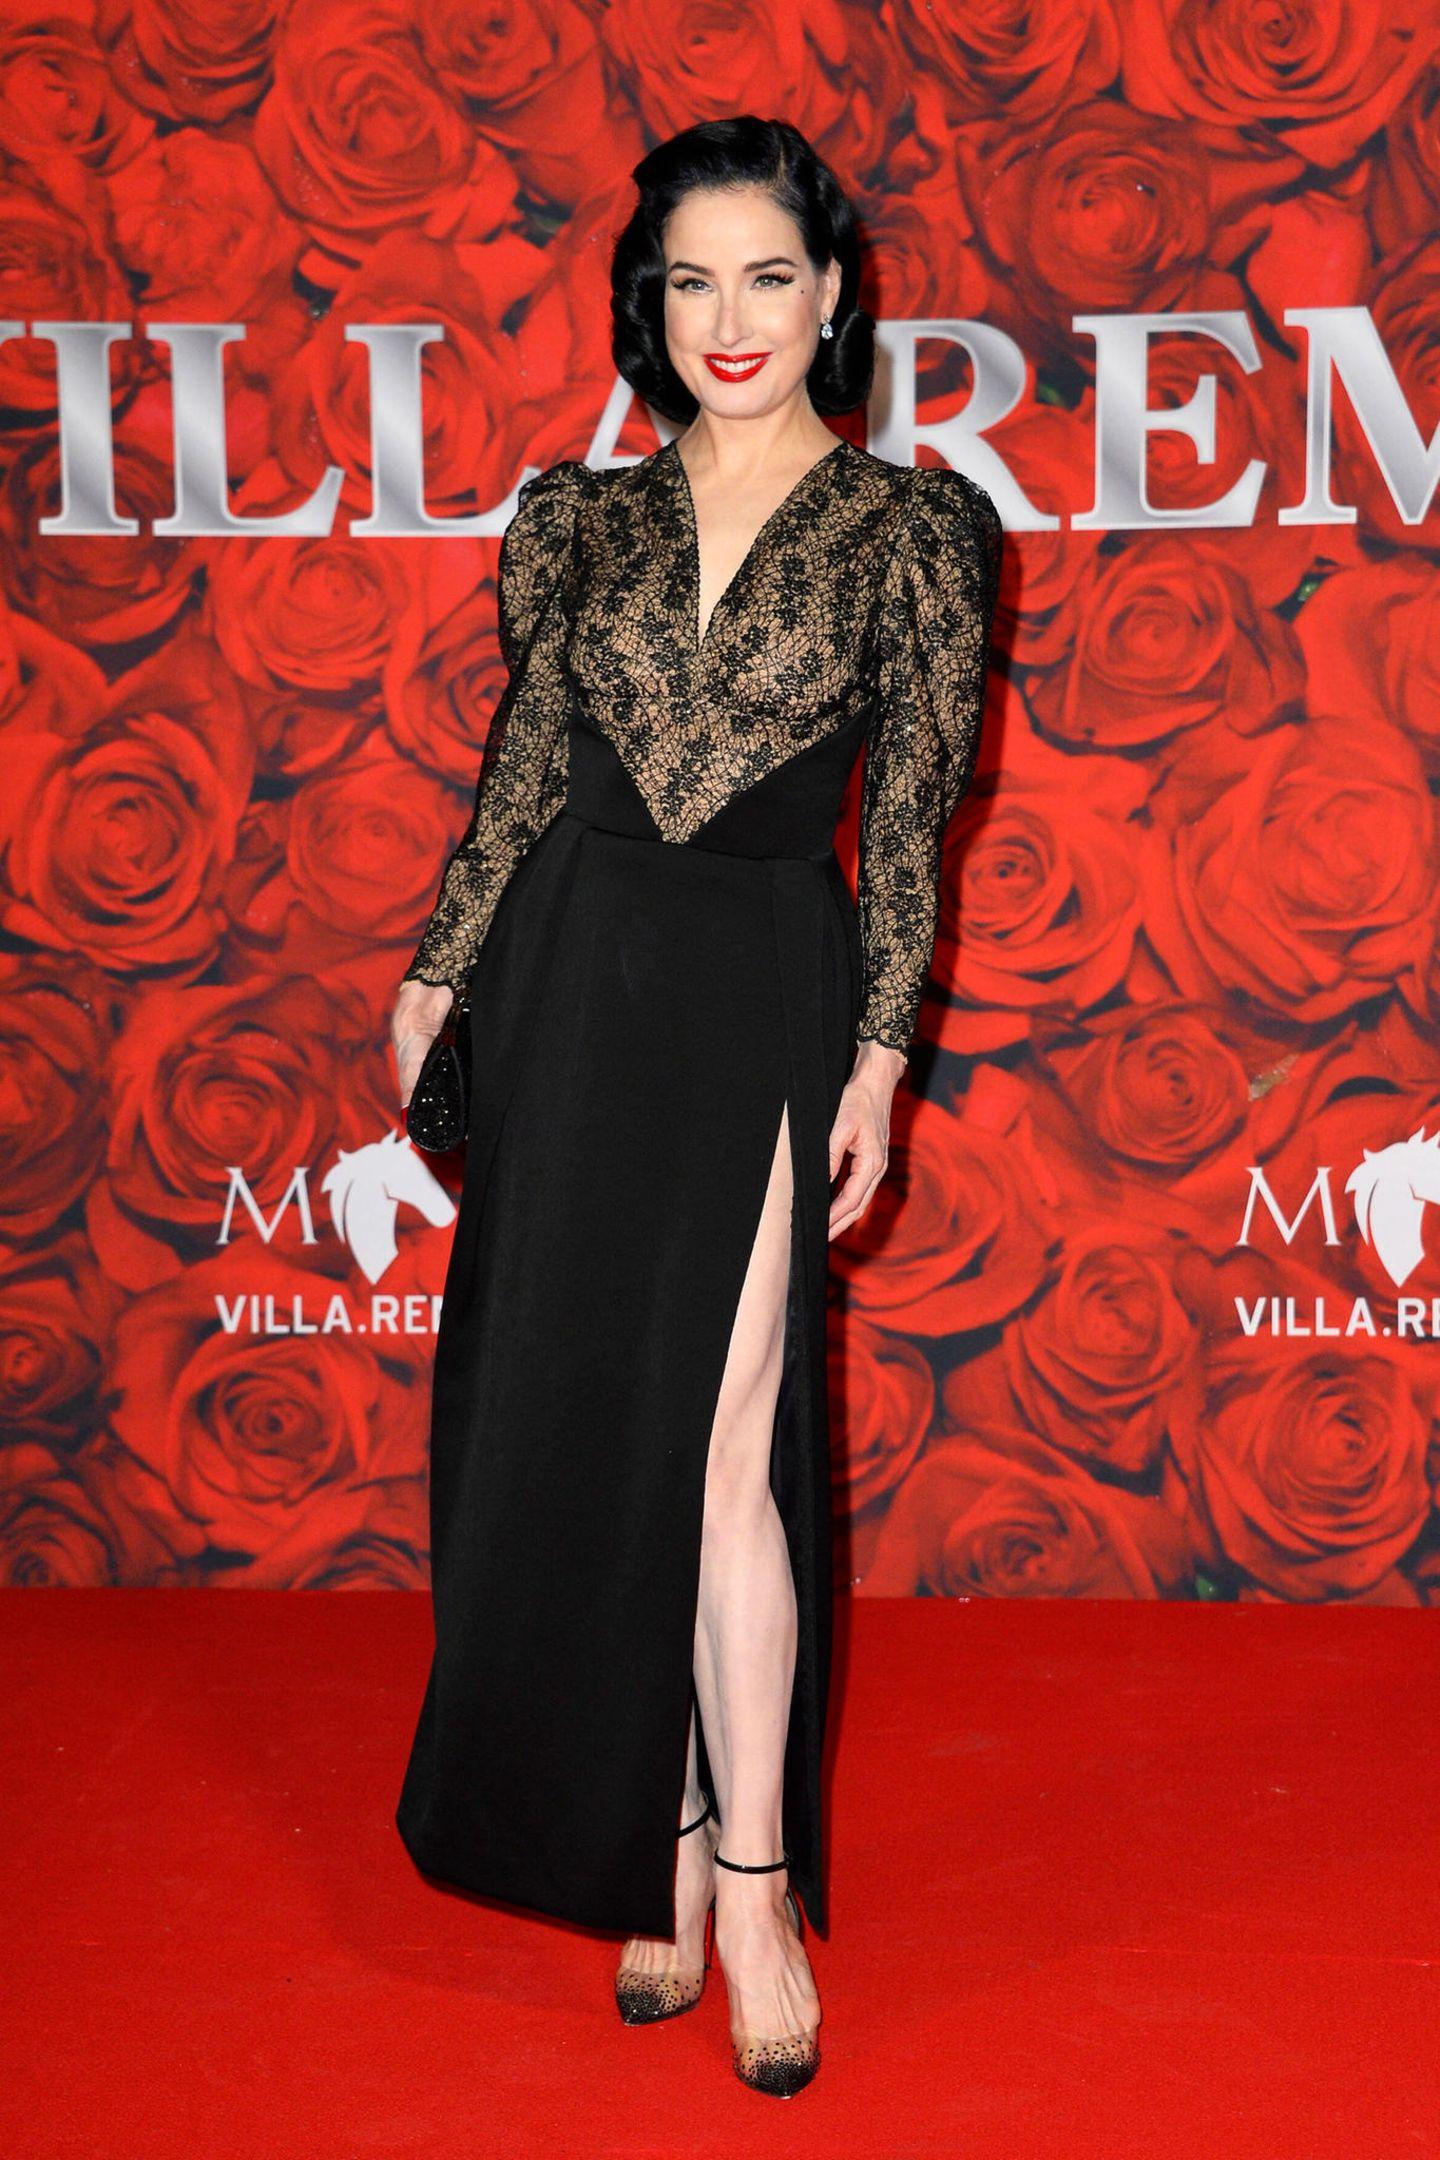 """Bei derEröffnung der """"Villa Remus"""" auf Mallorca feiern Stars wie Dita Von Teese, die in ihrem Spitzen-Look in Schwarz wie üblich hinreißend aussieht."""